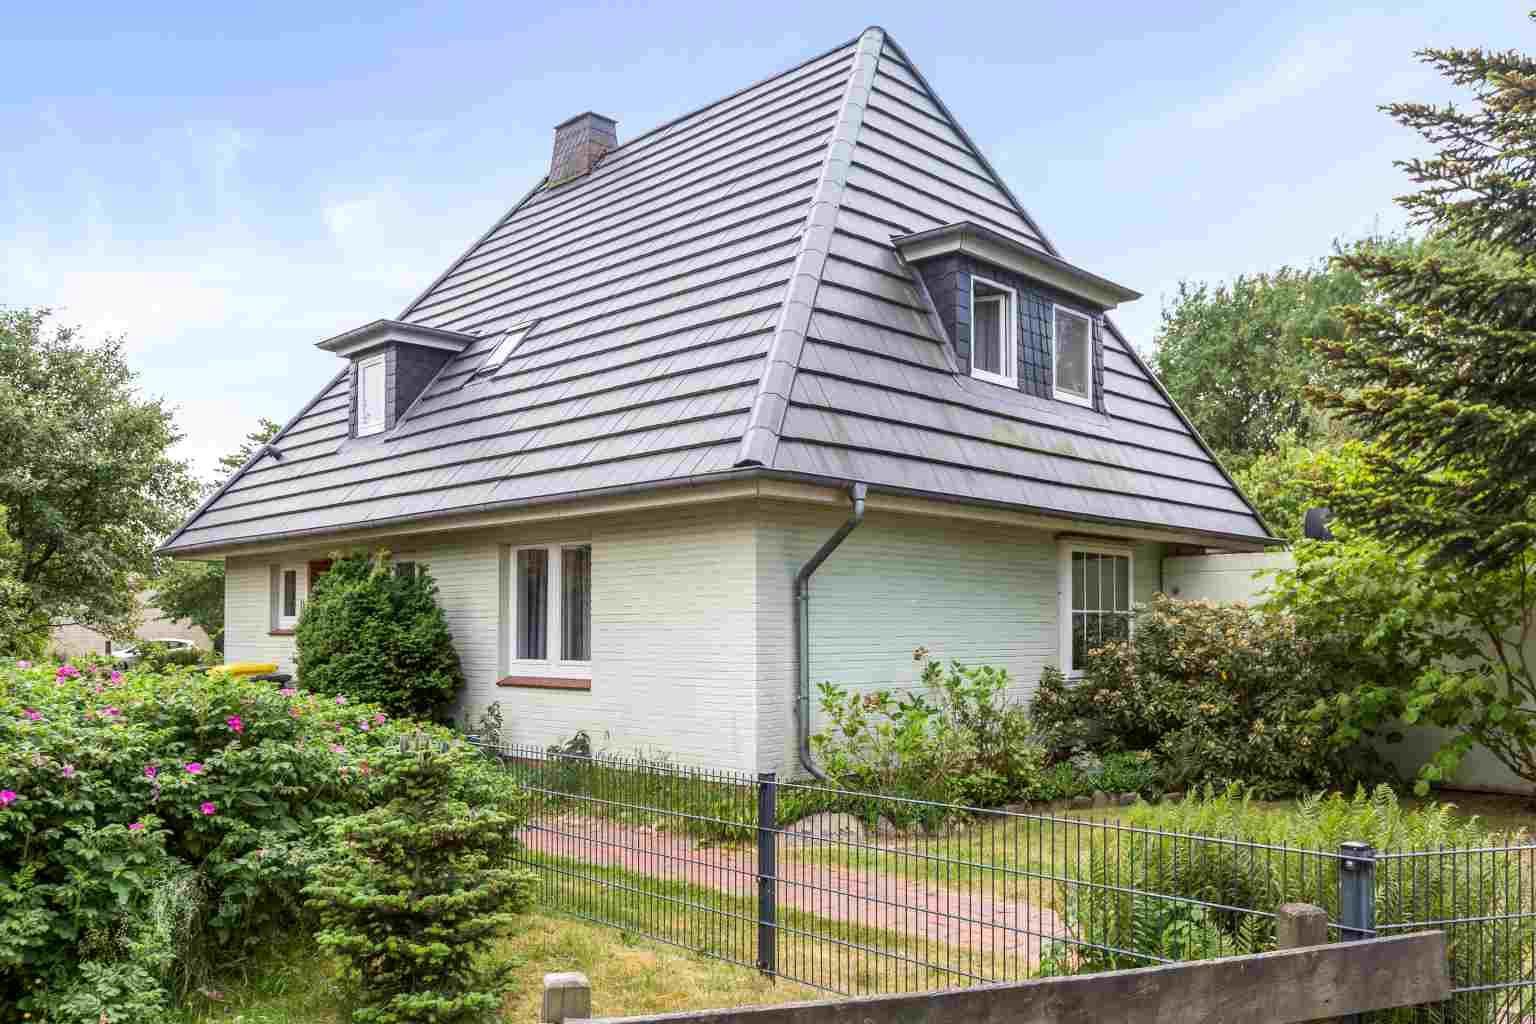 """Ferienhaus """"Das grüne Haus"""" - Aussenansicht"""